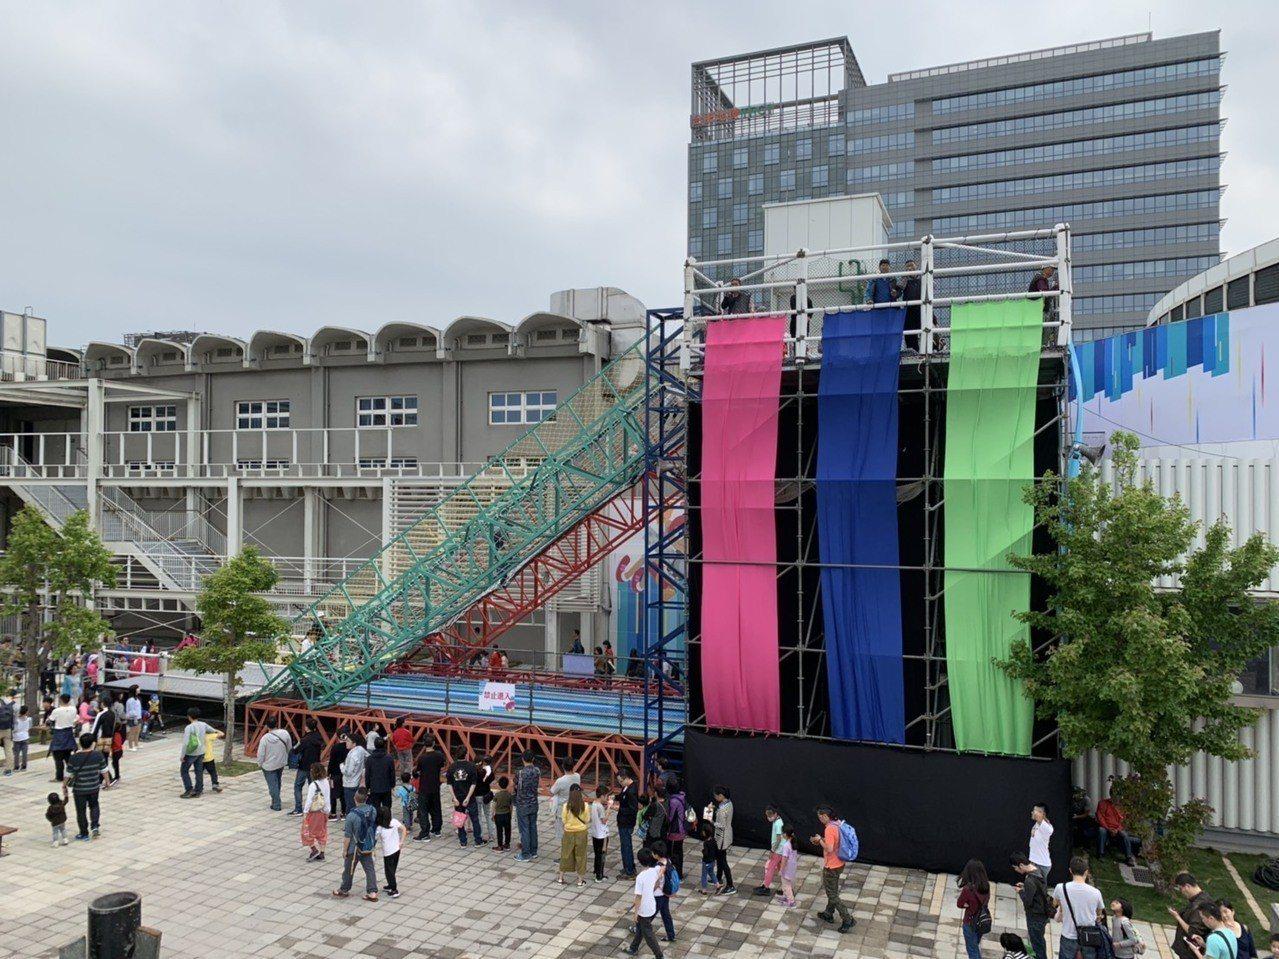 新竹市政府辦「風的運動場」,打造戶外巨型遊具「漫步雲端」,挑戰攀爬力。記者郭宣彣...